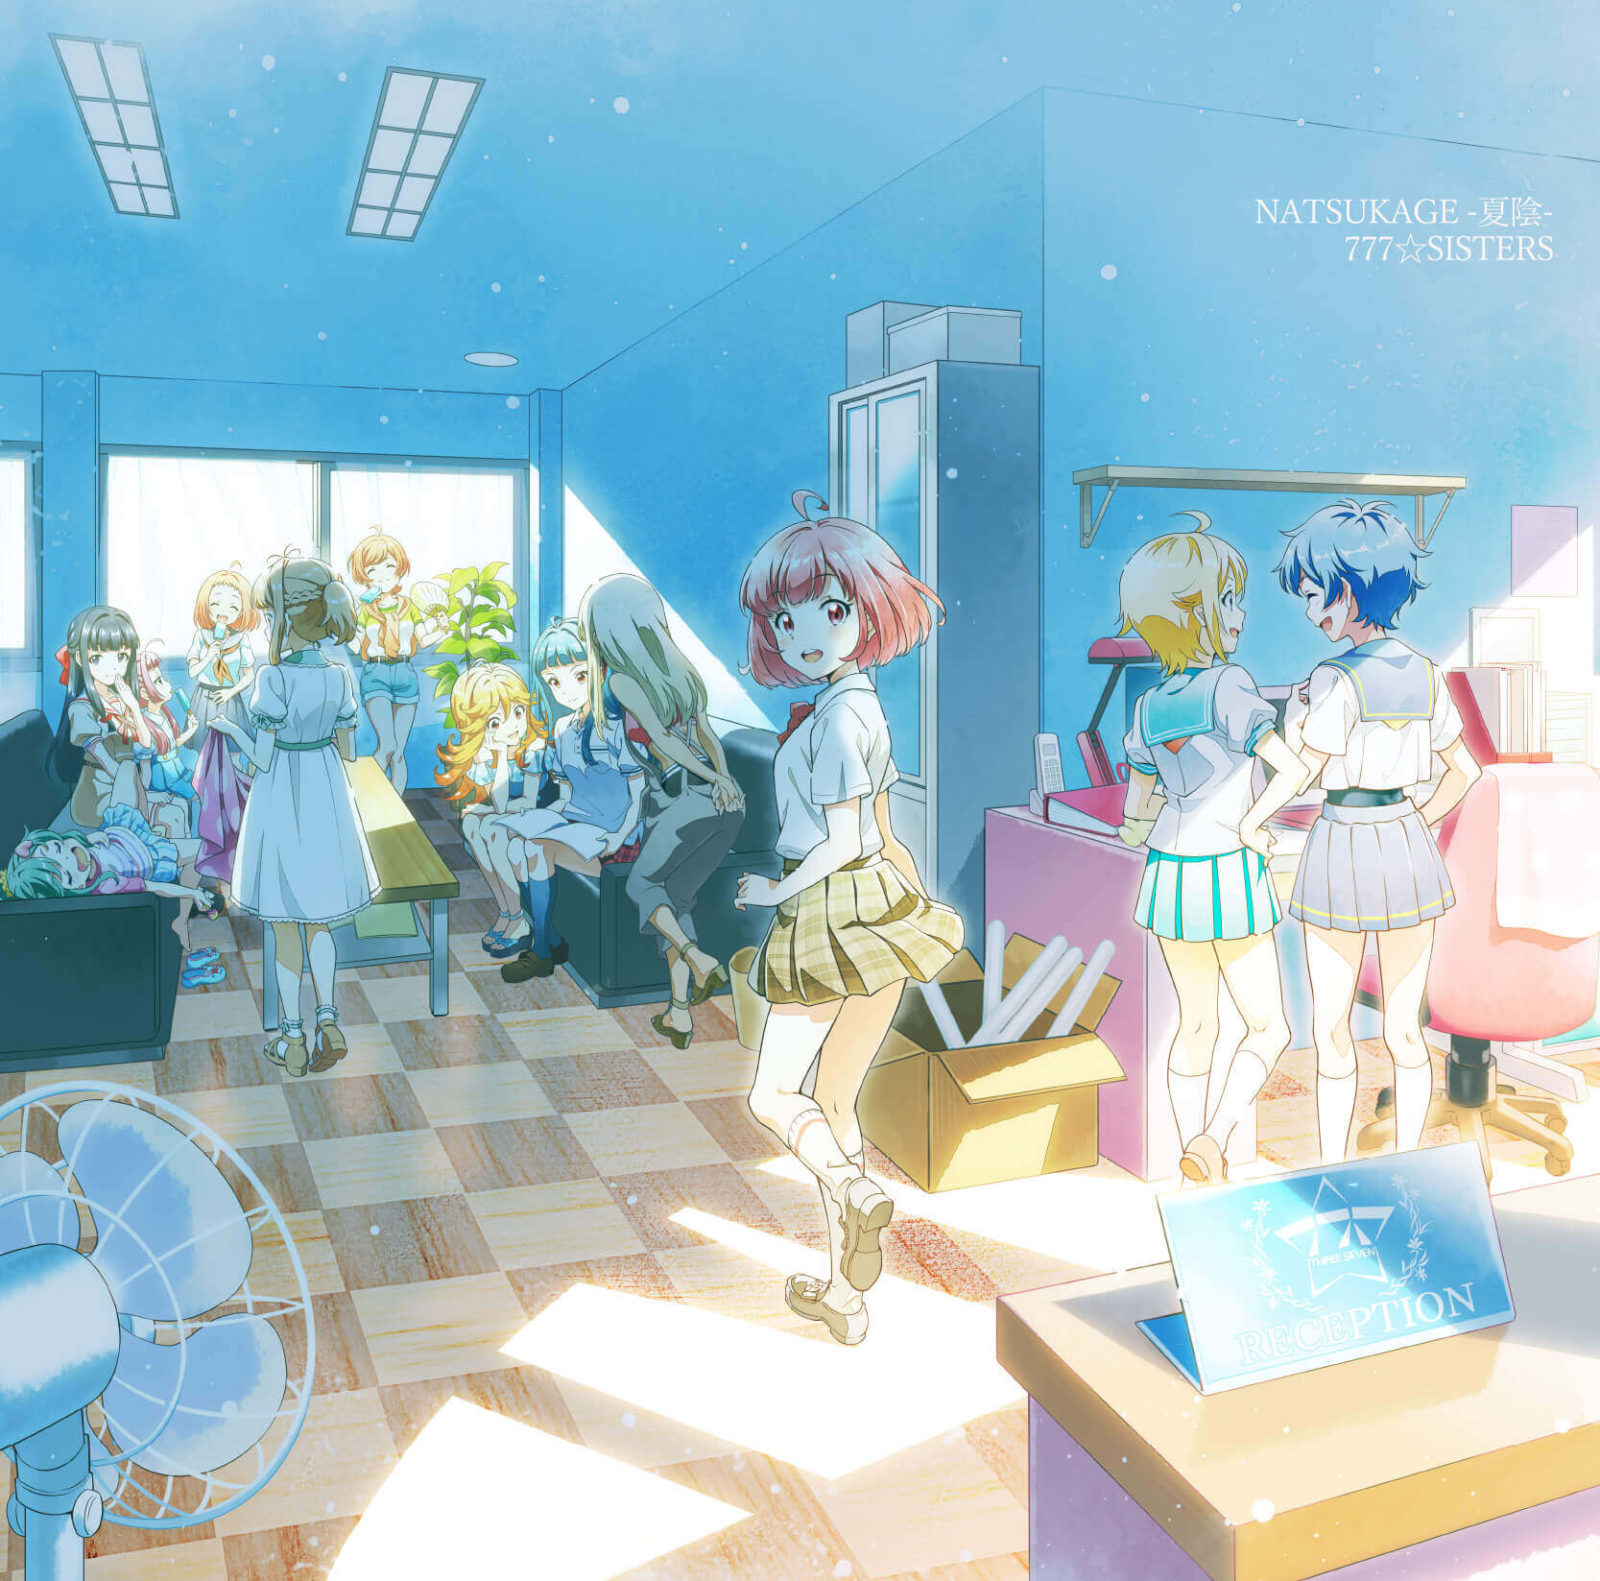 Tokyo 7th シスターズ「EPISODE 4.0 AXiS」EDテーマ777☆SISTERSのニューシングルリリース決定サムネイル画像